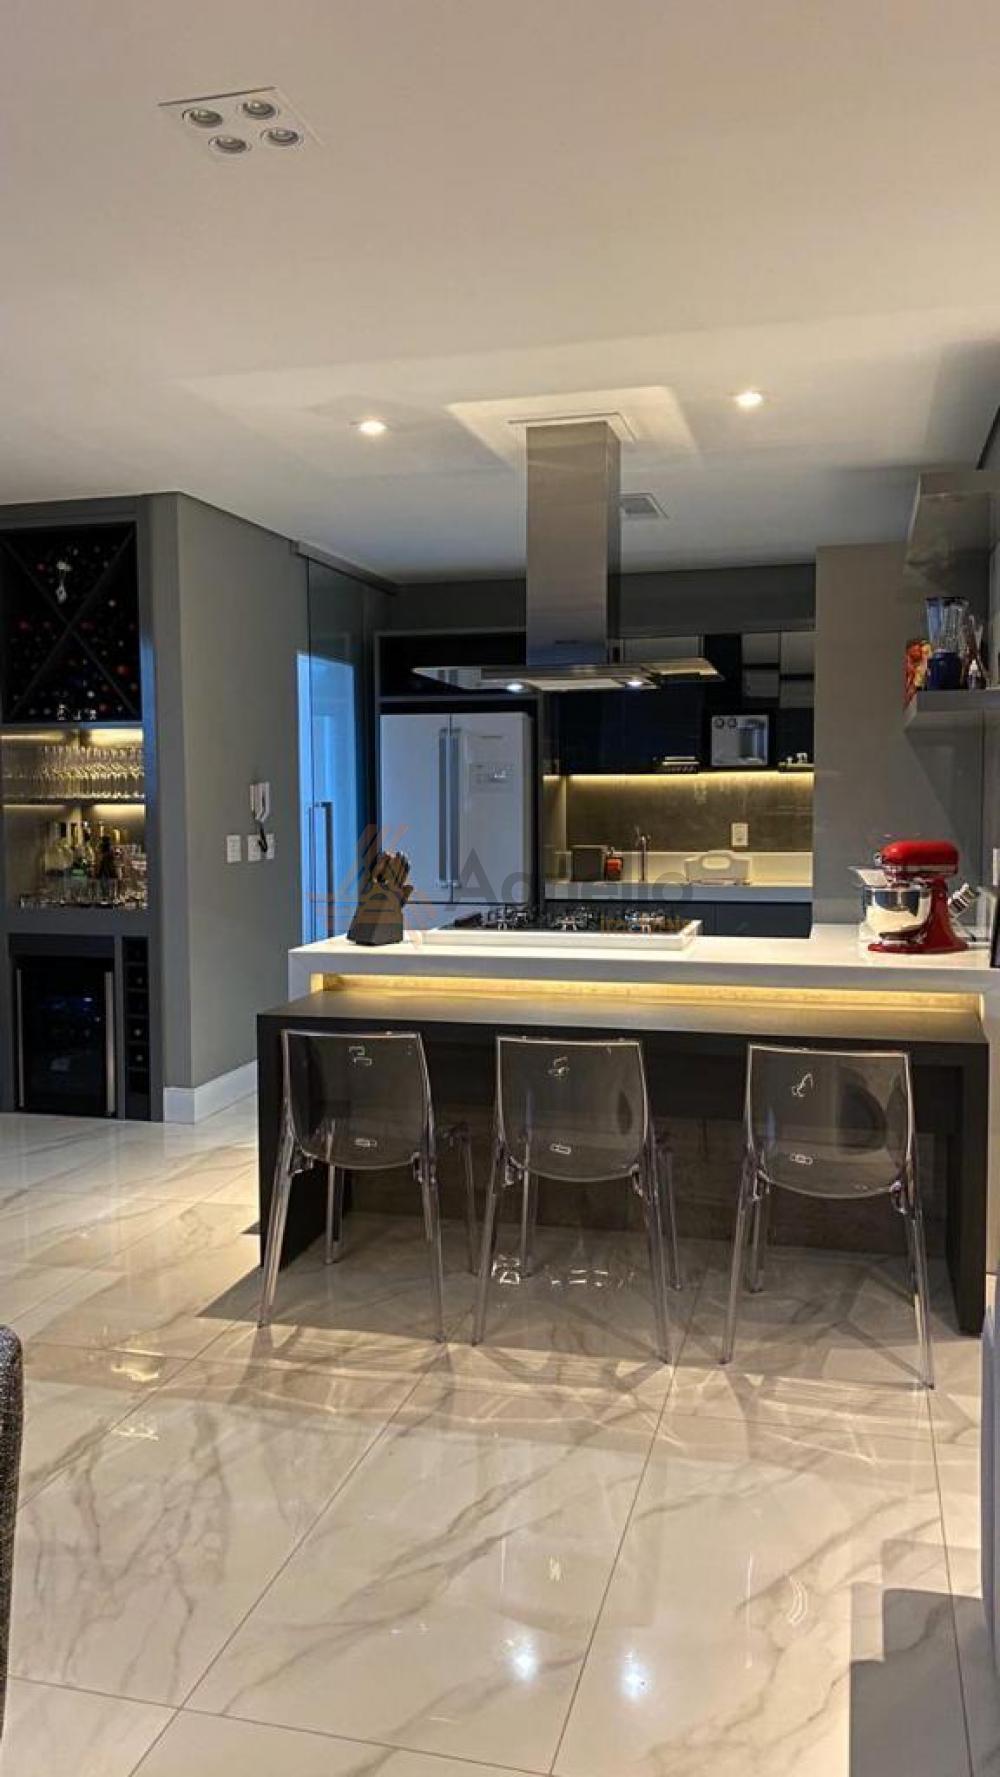 Comprar Apartamento / Padrão em Franca R$ 1.300.000,00 - Foto 3